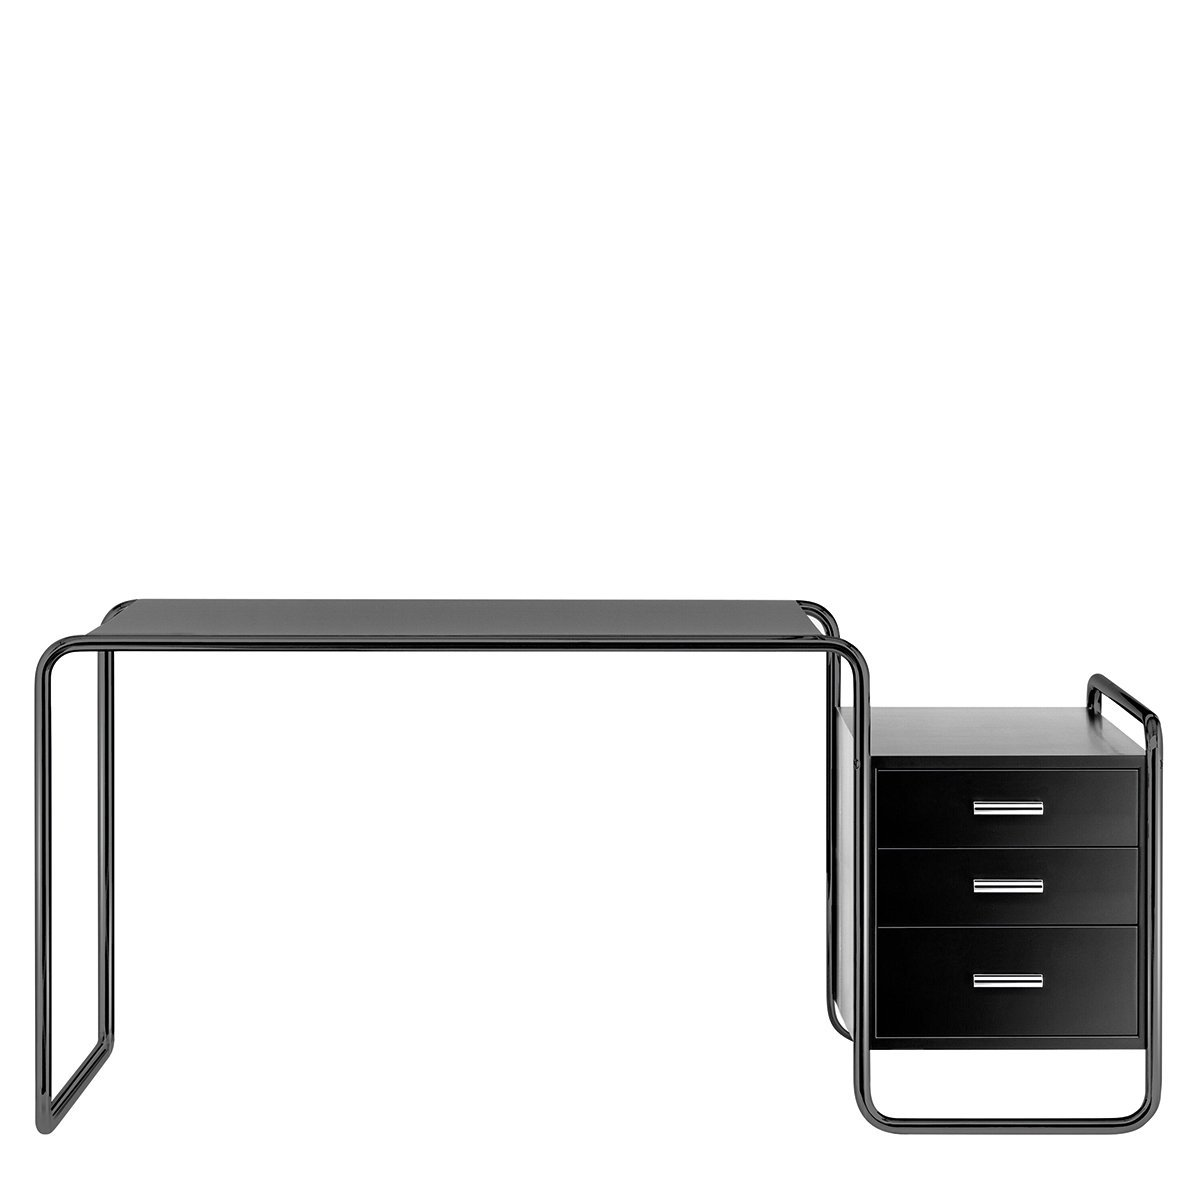 Thonet S285/1 Bureau - Zwart frame / Zwart gebeitst essenhout